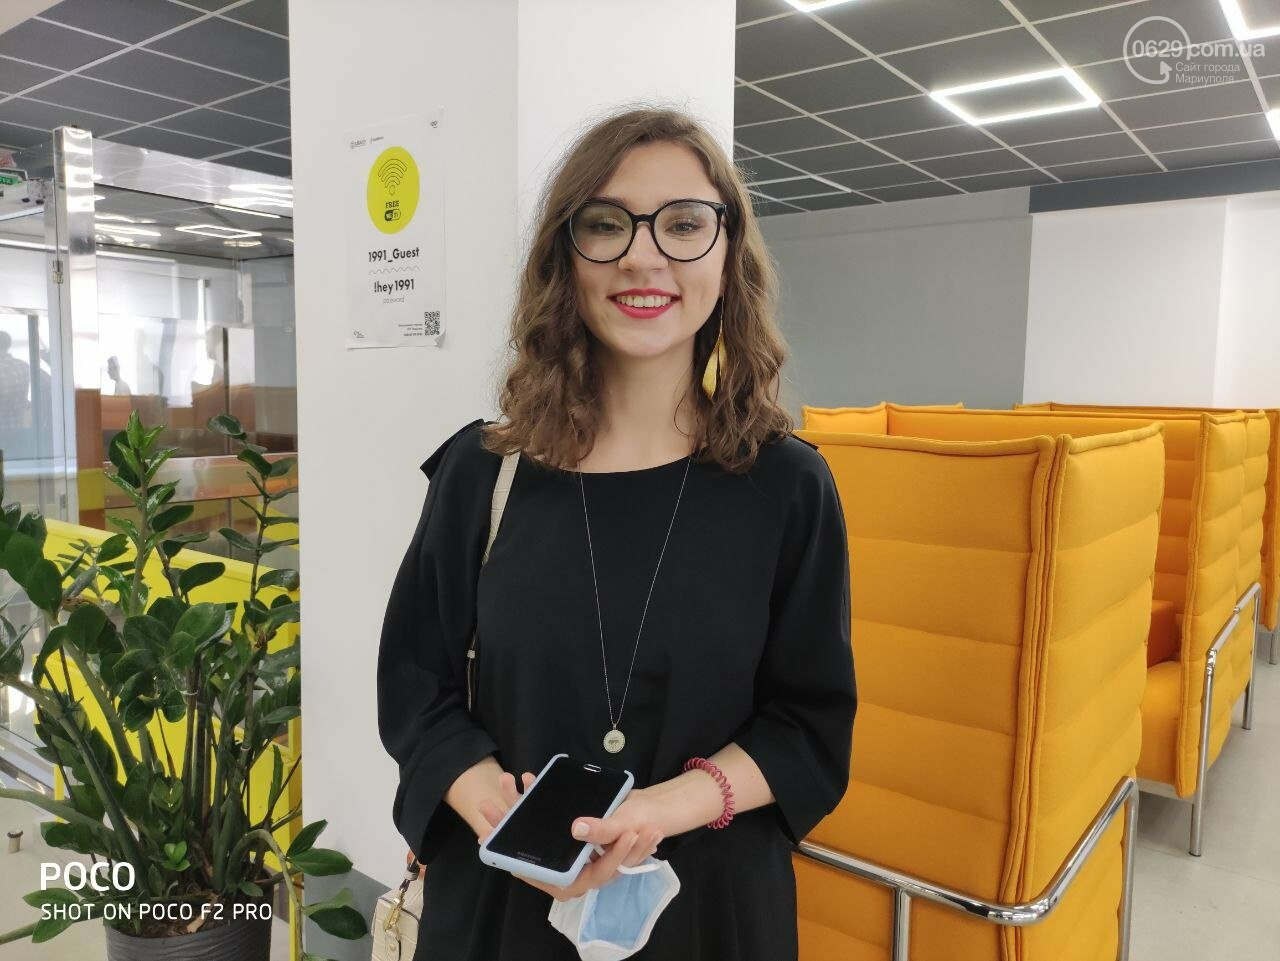 В Мариуполе стартаперы получили 100 тысяч гривен на создание уникального сервиса, - ФОТО, фото-4